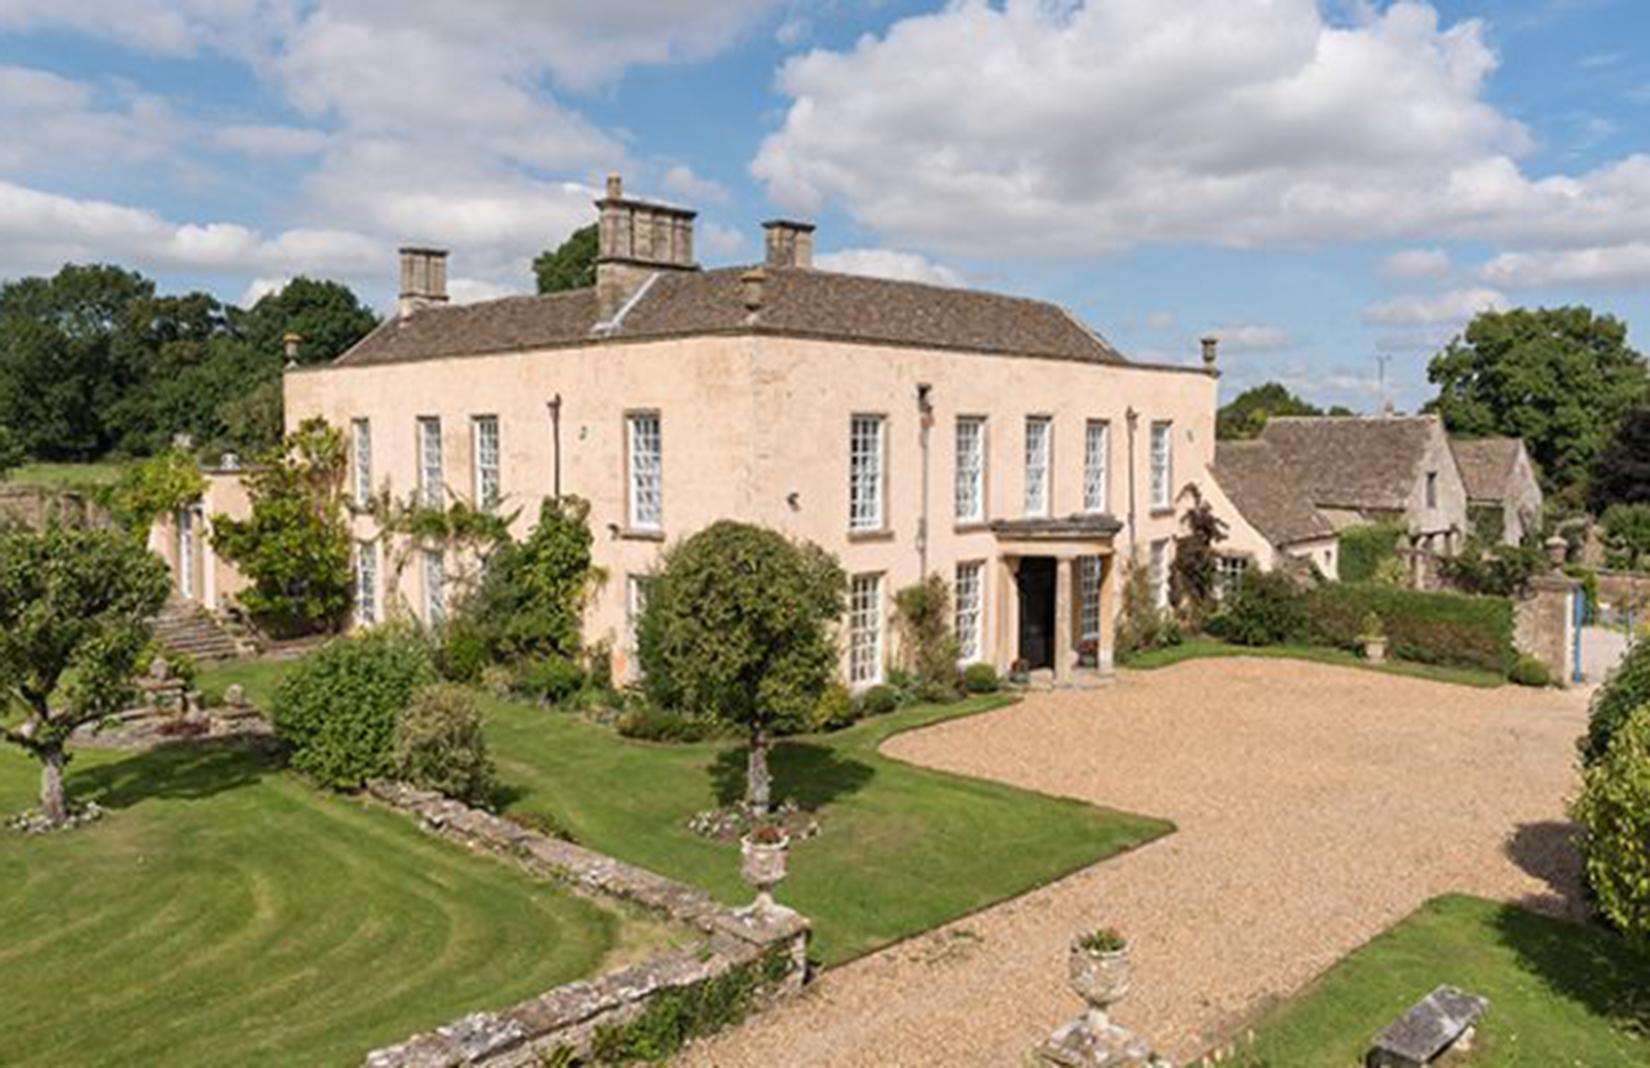 Luckington Court house for sale